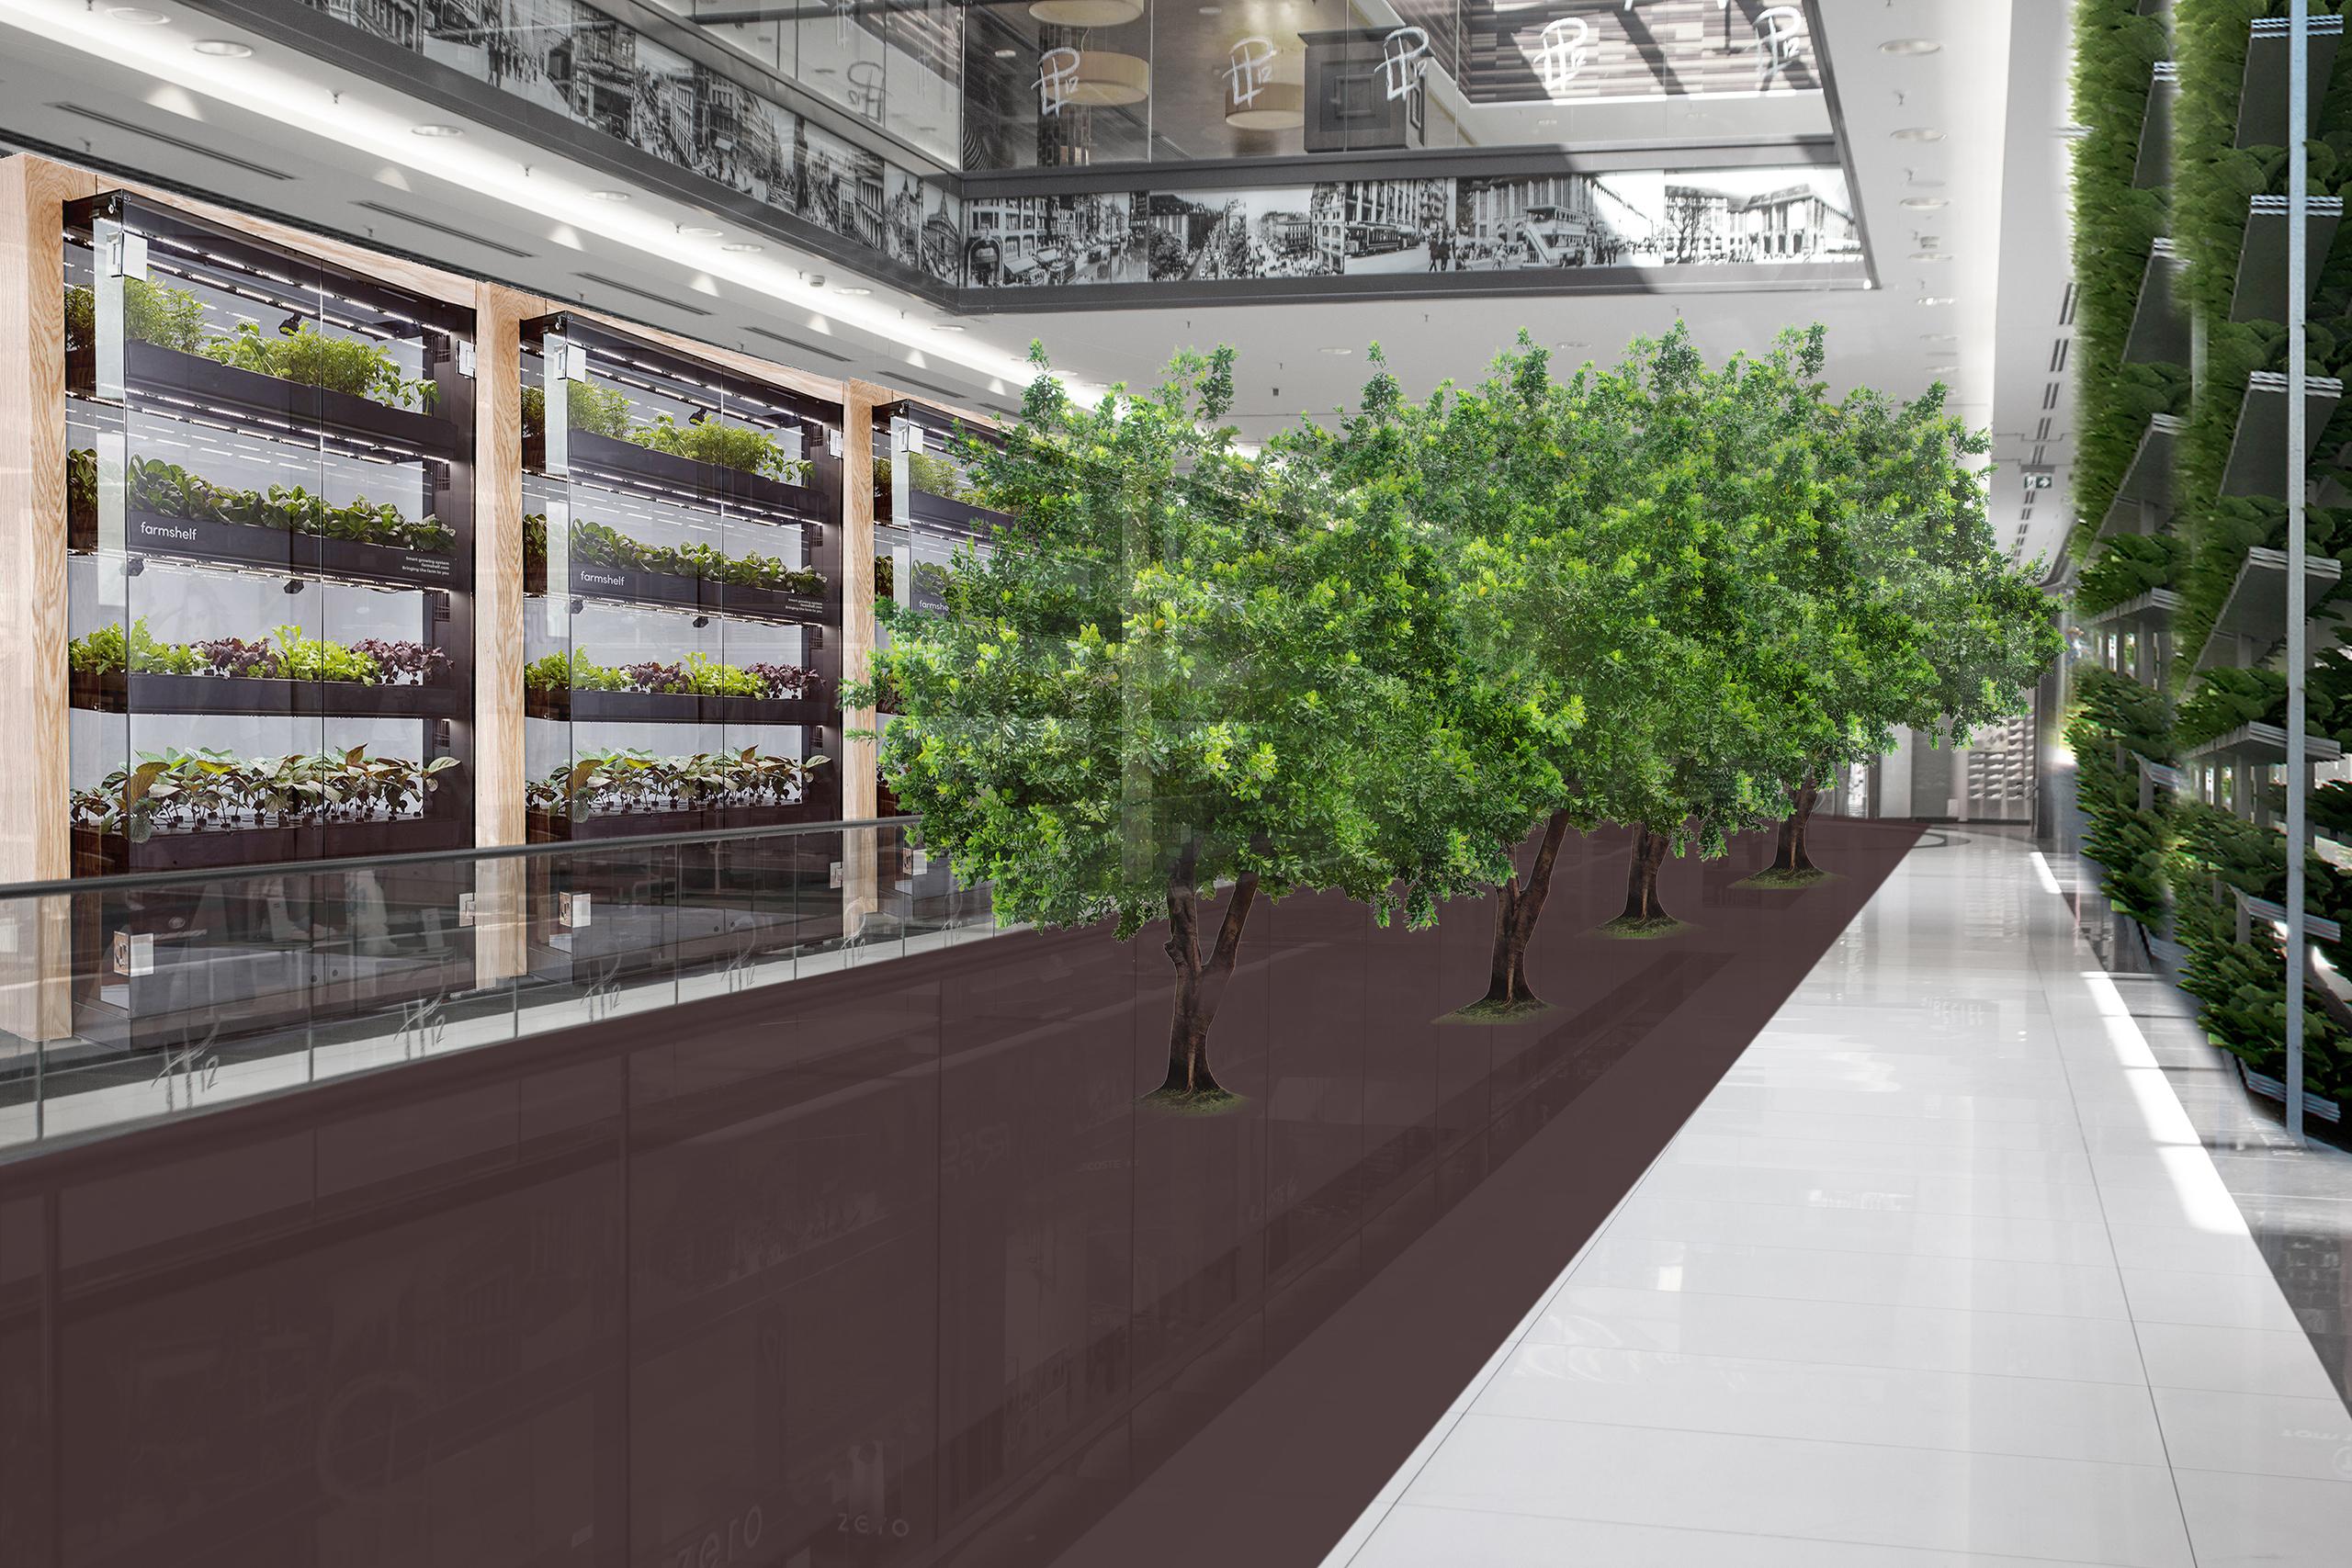 Phaneomen Shoppingcenter Raumgestaltung Conceptdesign Inszenierung Reuse Kapitalismus Museum Shopdesign vertical gardening